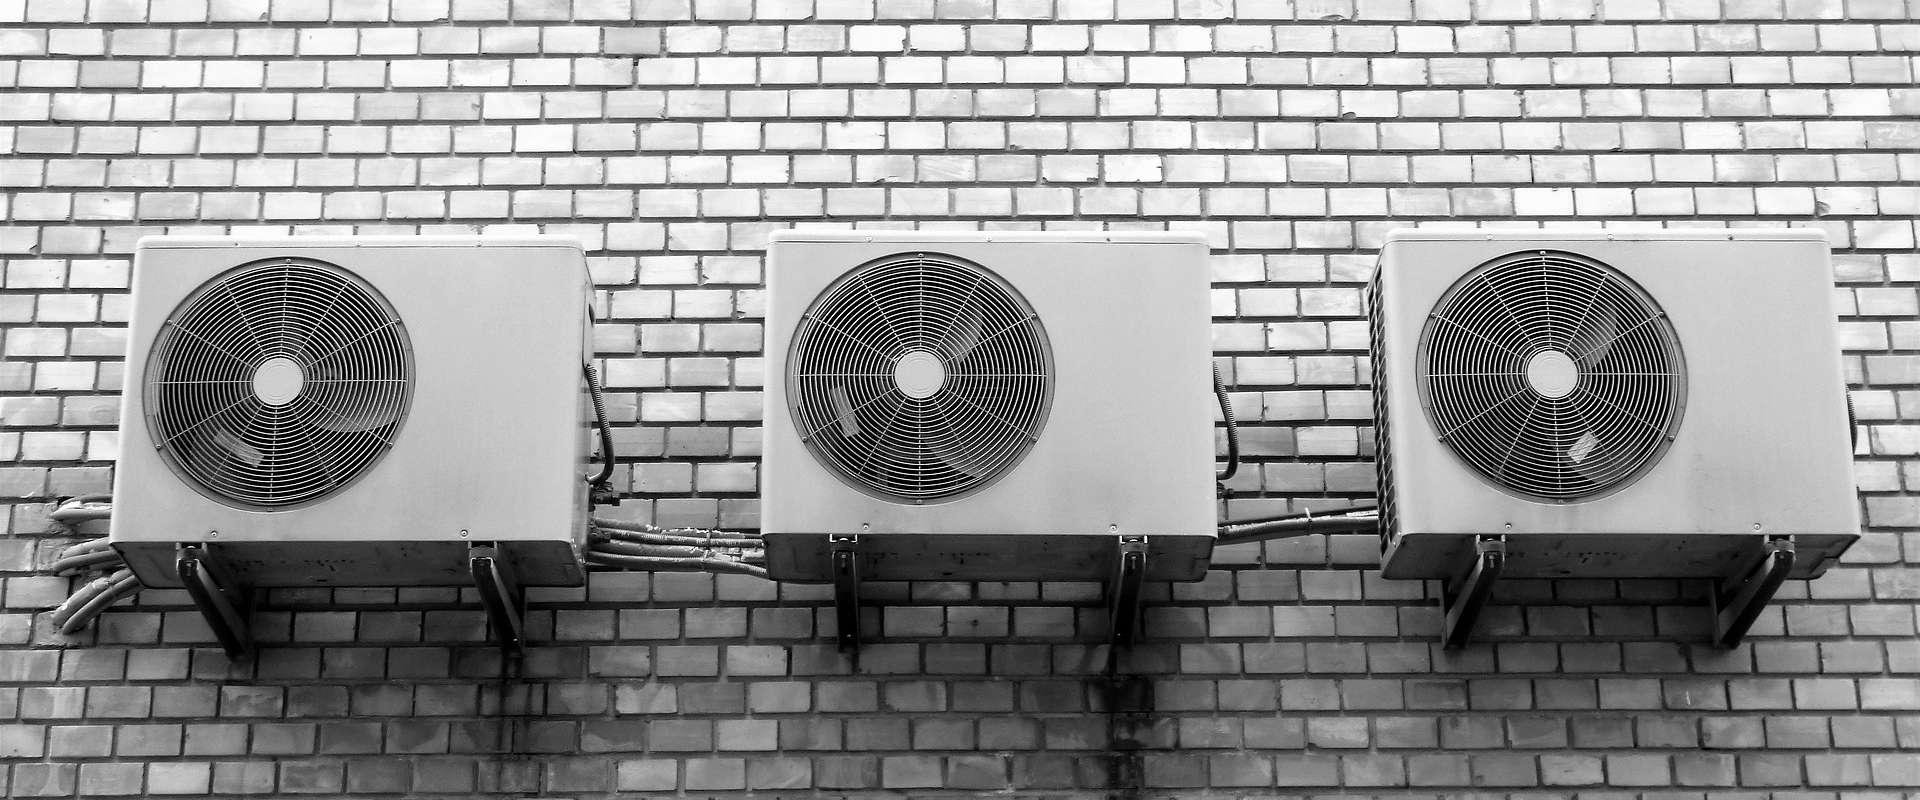 Prix installation climatisation centrale